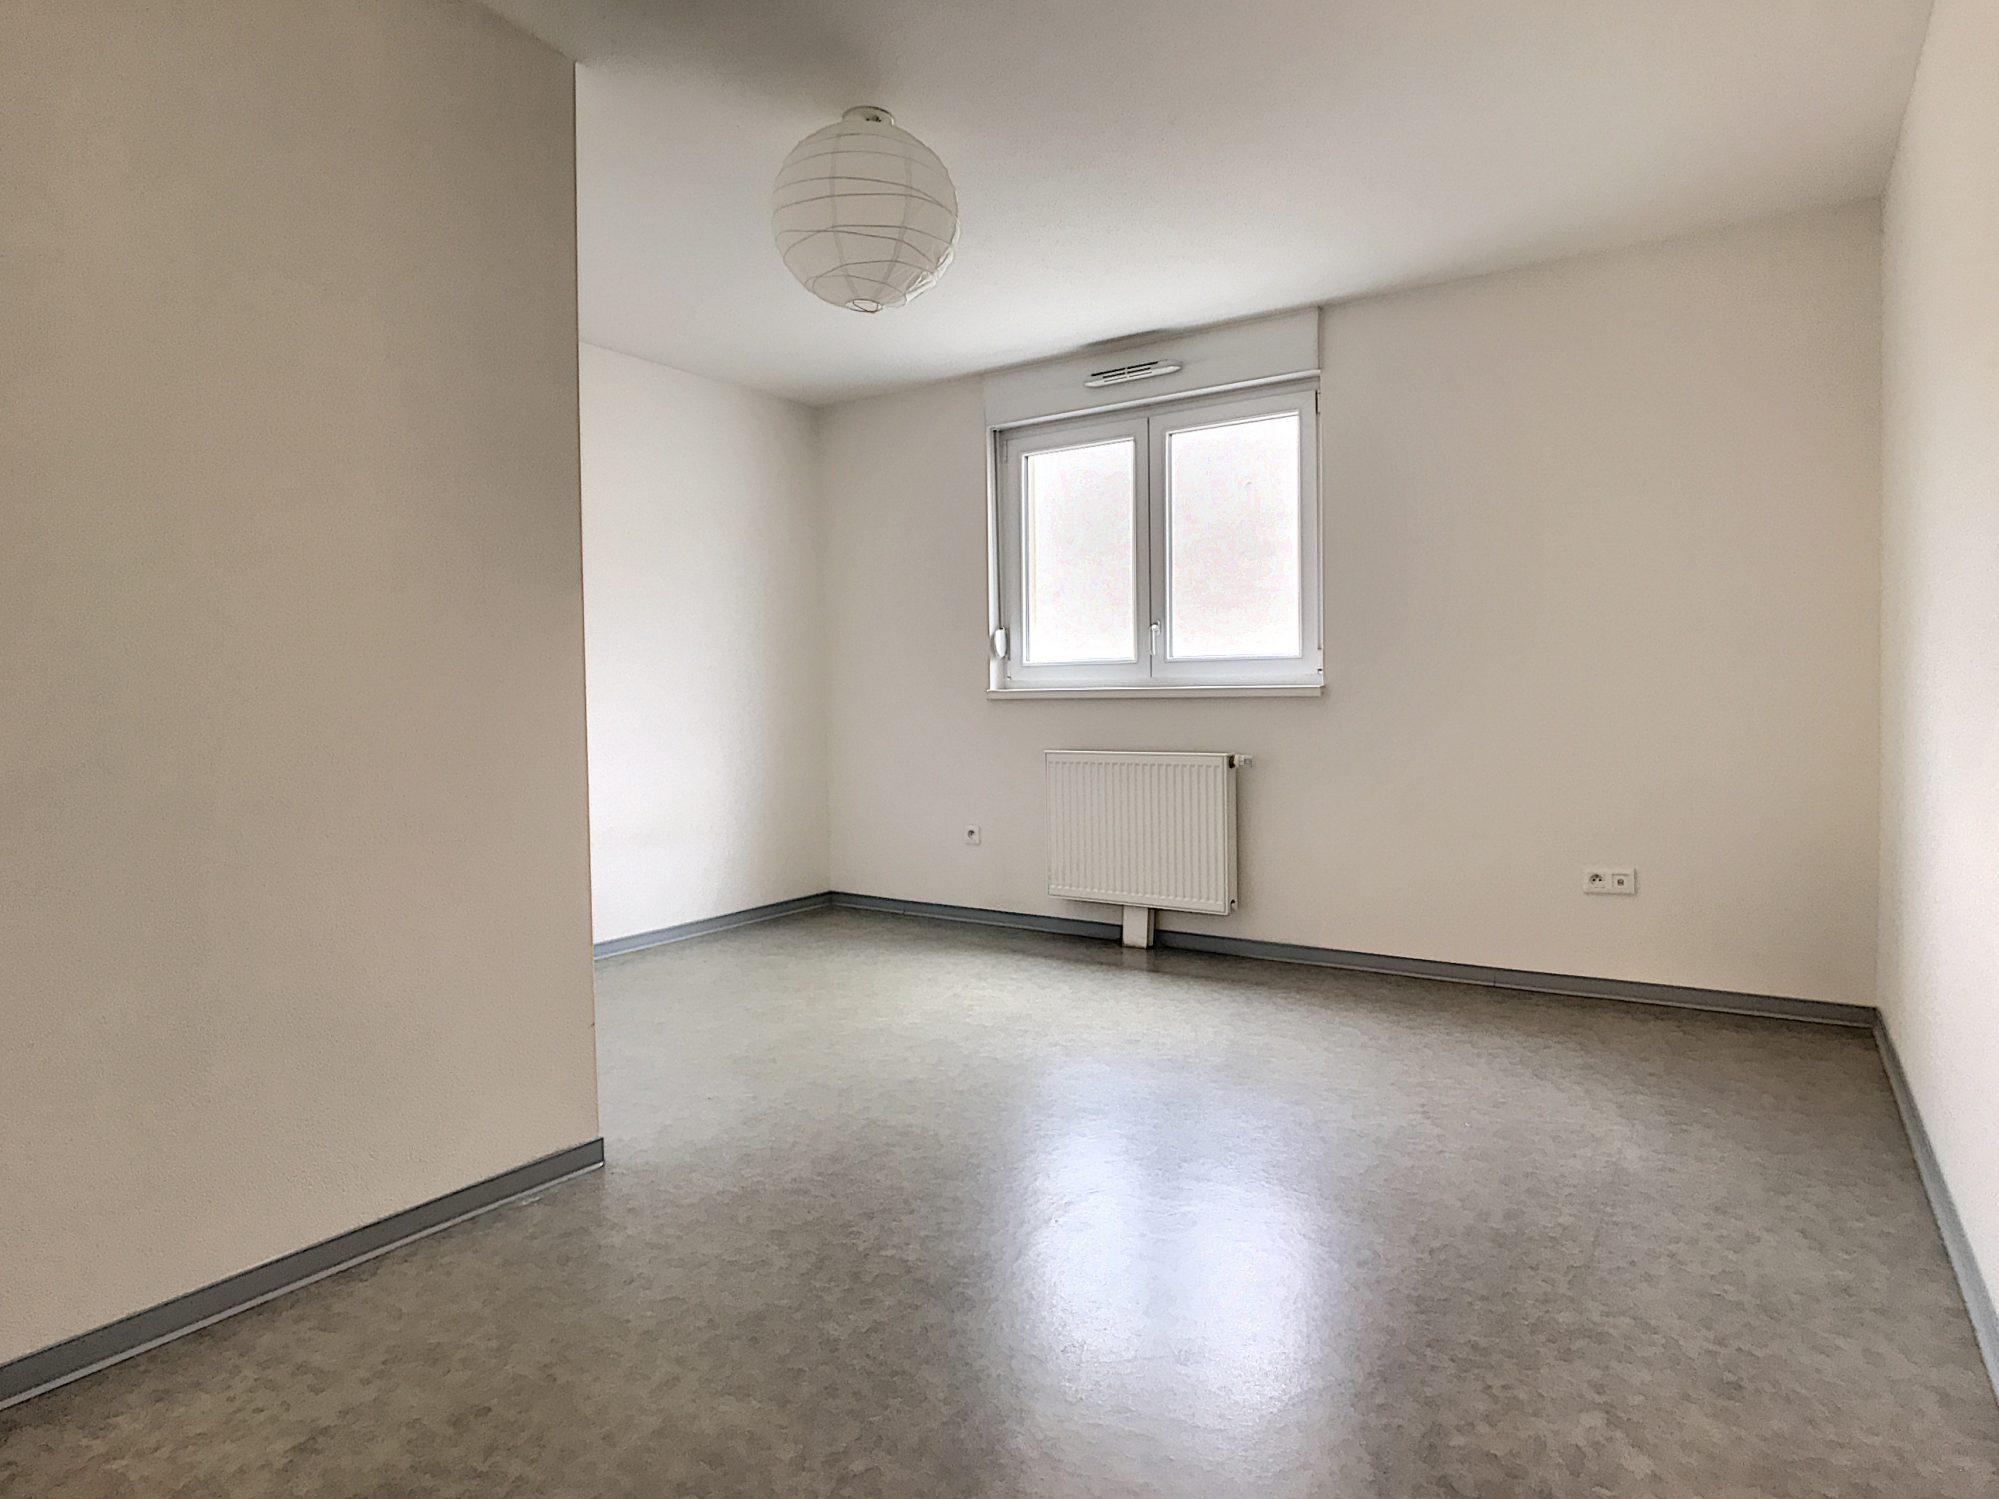 3 Pièces SCHILTIGHEIM + Terrasse - Devenez locataire en toute sérénité - Bintz Immobilier - 6